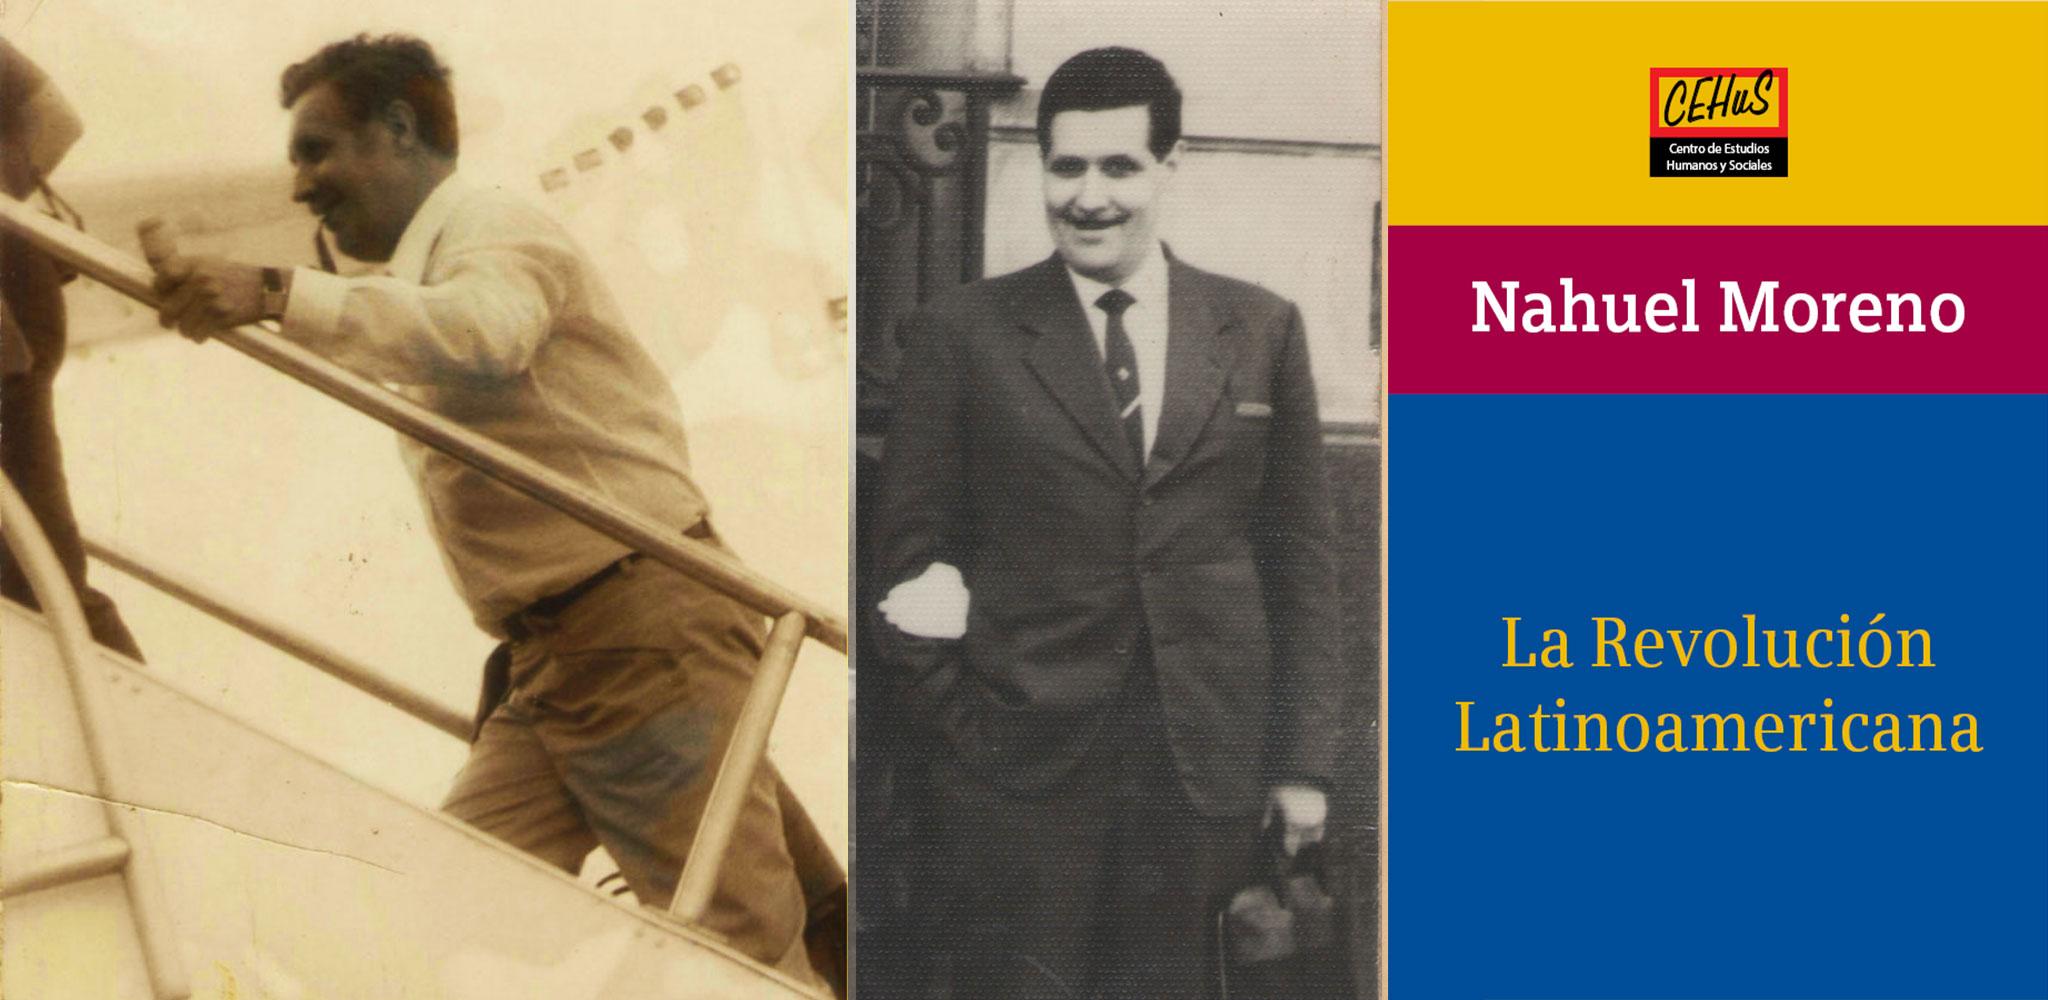 LA REVOLUCIÓN LATINOAMERICANA (1962)